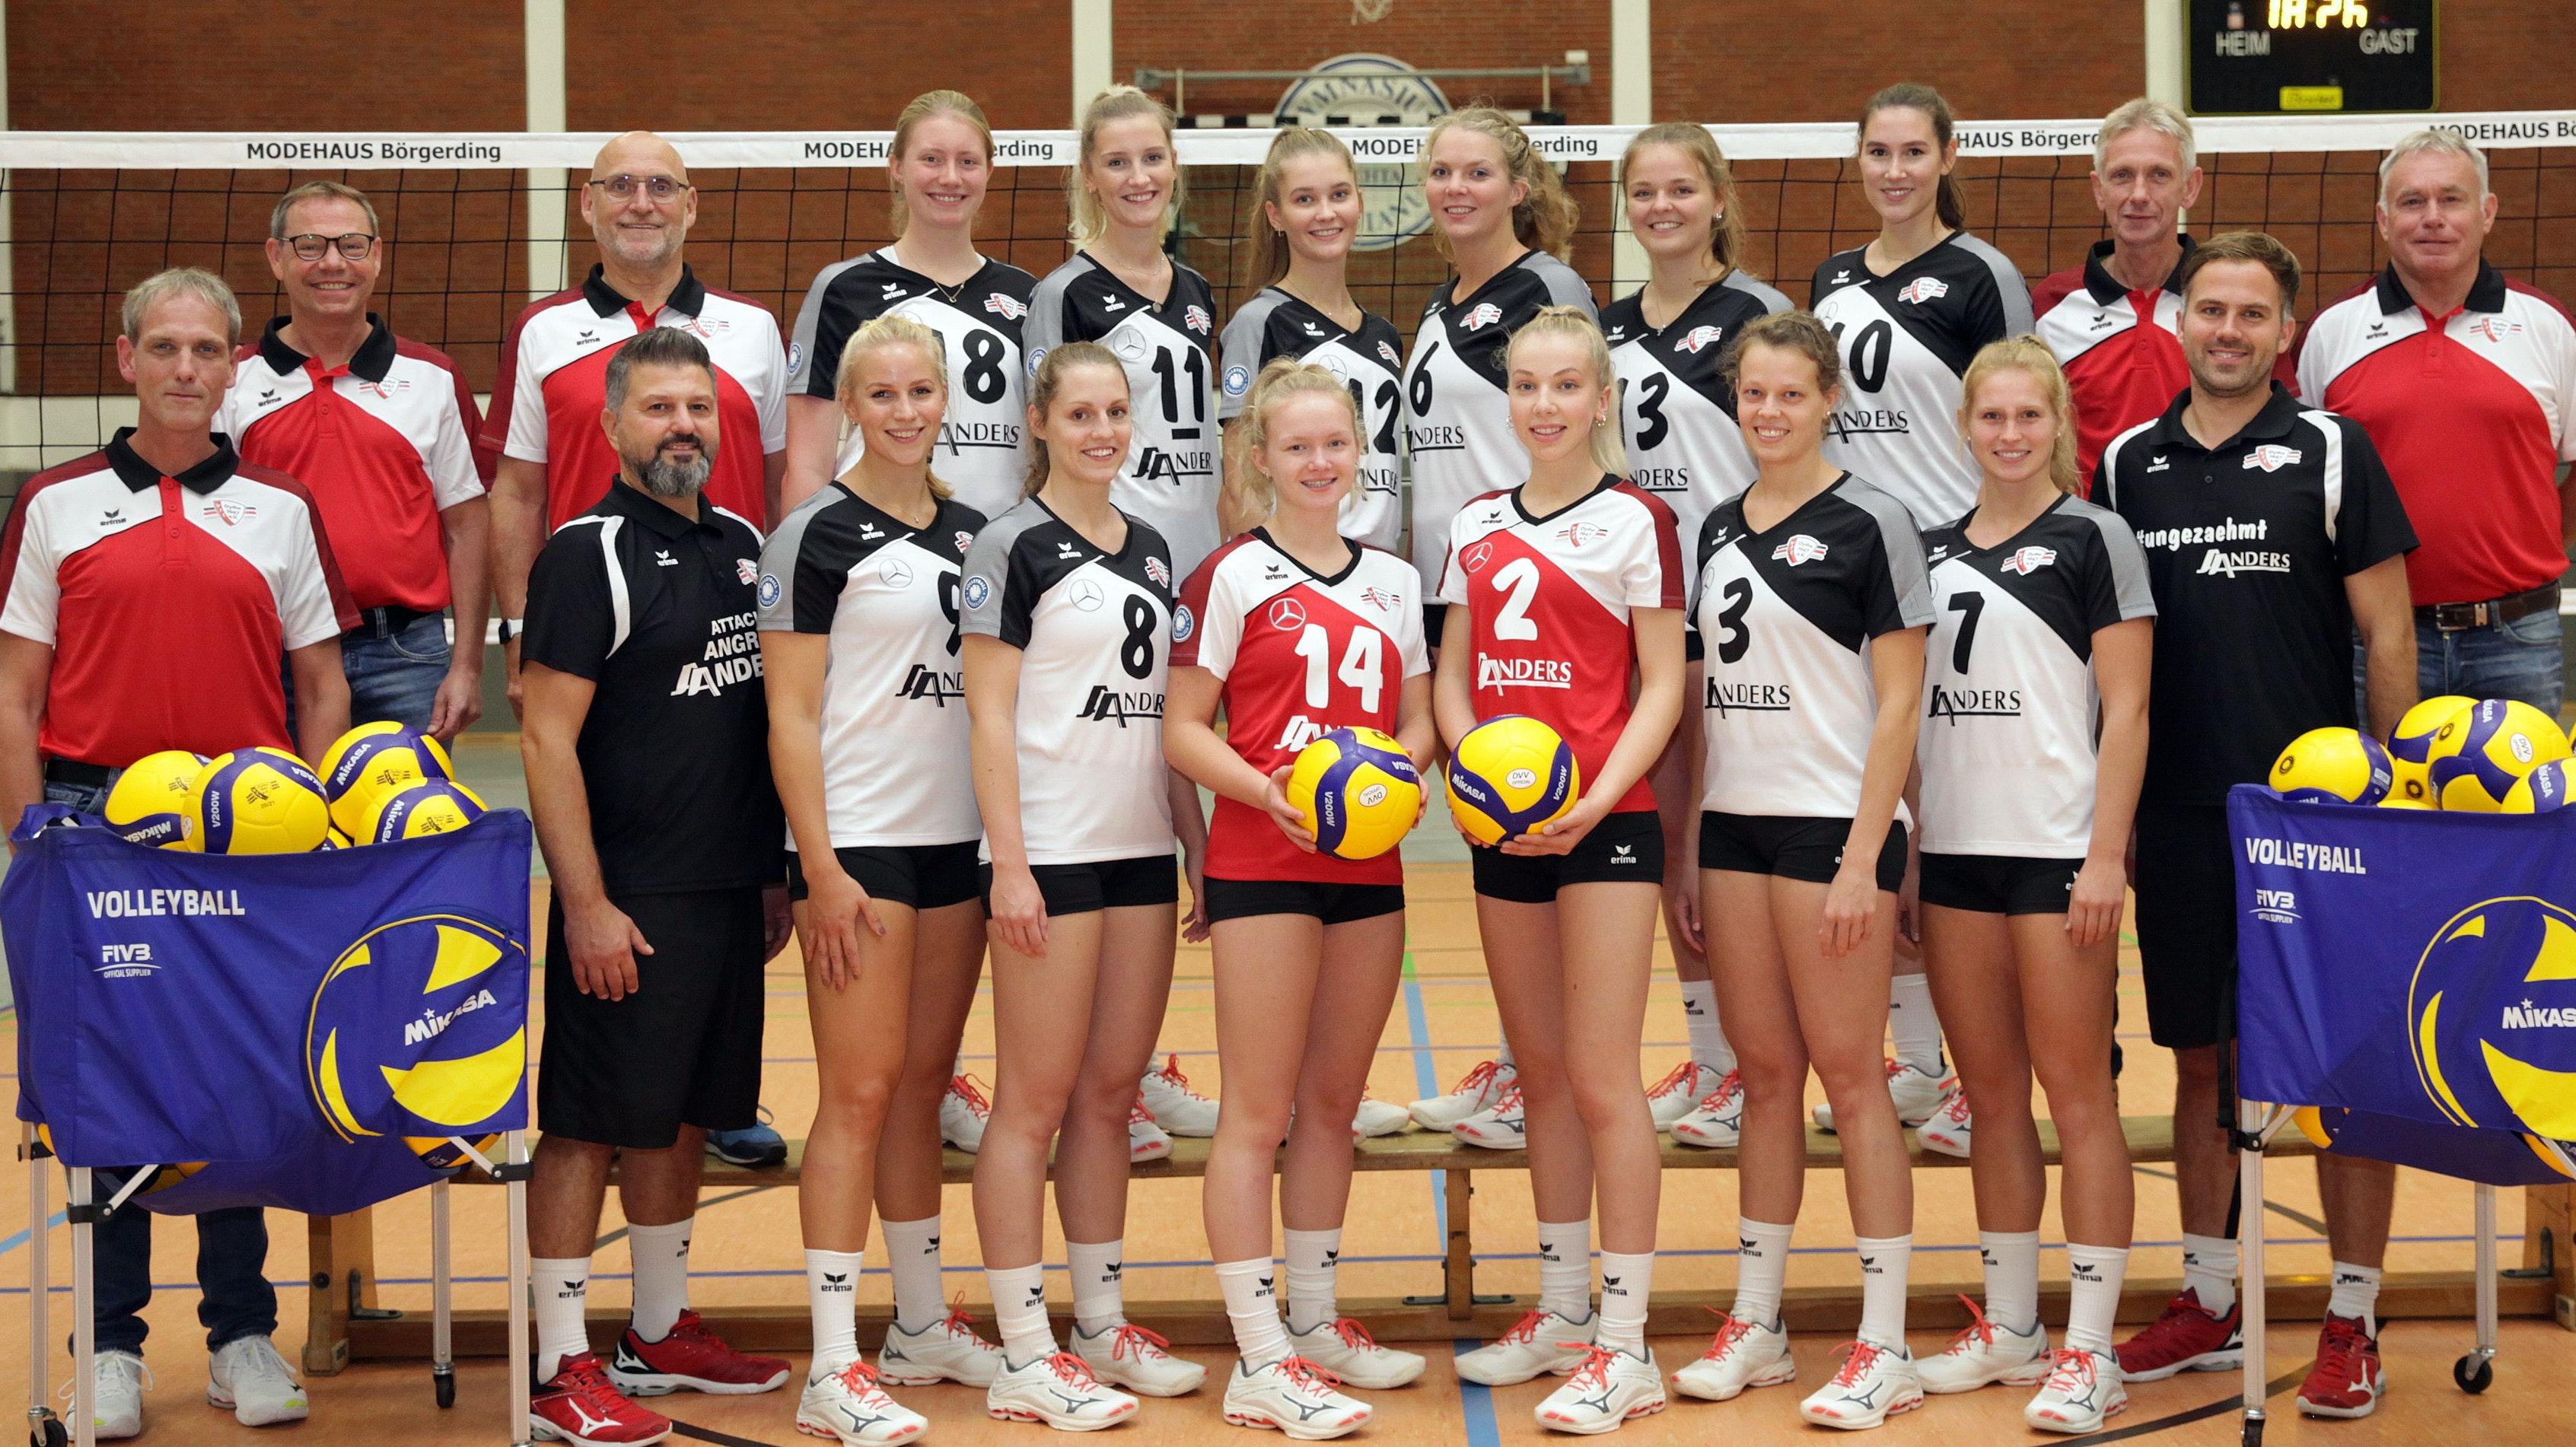 Das Team für die neue Saison: Der VfL Oythe 2020/21. Foto: Schikora